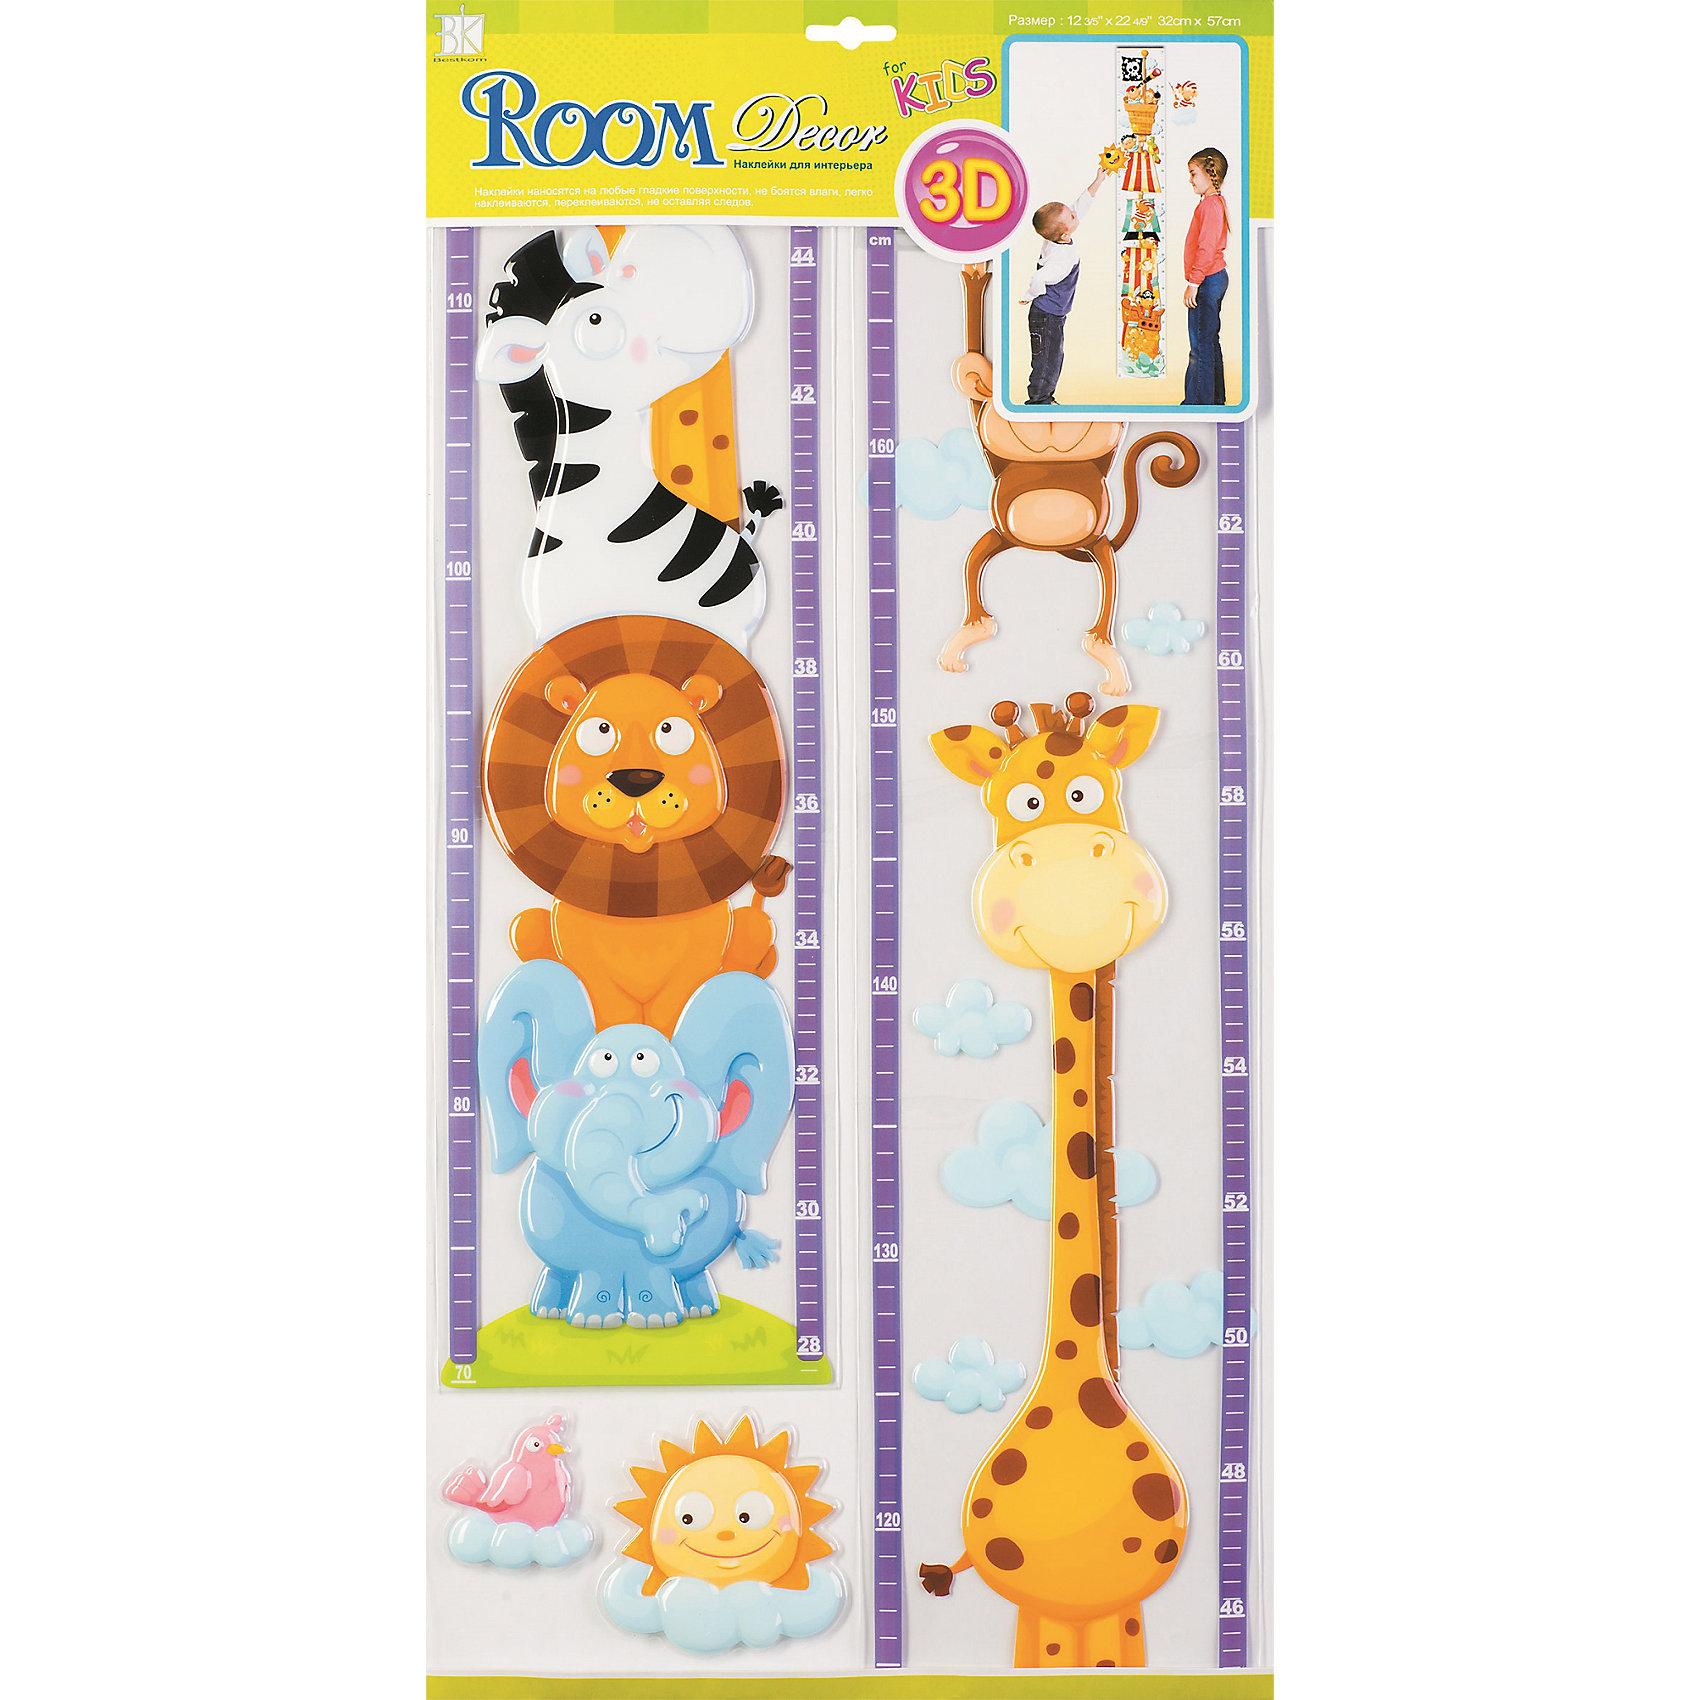 Ростомер Африка POA3205, Room DecorДетские предметы интерьера<br>Характеристики:<br><br>• Предназначение: для измерения роста, декор комнаты<br>• Серия: Детские<br>• Тематика наклеек: животные<br>• Материал: картон, ПВХ<br>• Комплектация: 4 элемента<br>• Шкала: 167 см<br>• Форма: 3d<br>• Объемные<br>• Клейкая поверхность крепится на окрашенные стены, обои, двери, деревянные панели, стекло<br>• Не повреждают поверхность<br>• Устойчивы к выцветанию и истиранию<br>• Повышенные влагостойкие свойства<br>• Размеры (Д*Ш*В): 32*7*57 см<br>• Вес: 60 г<br>• Упаковка: блистер<br><br>Все наклейки выполнены из безопасного и нетоксичного материала – ПВХ. Прочная клеевая основа обеспечивает надежное прикрепление практически к любому виду горизонтальной или вертикальной поверхности, при этом не деформируя и не повреждая ее. Наклейки обладают влагоустойчивыми свойствами, поэтому они хорошо переносят влажную уборку.<br> <br>Ростомер Африка POA3205, Room Decor состоит из набора, в который входят 4 элемента с изображением животных Африки: льва, жирафа, зебры, обезьяны и слона. Набор выполнен в объемном формате, что придает всей композиции 3d эффект. <br><br>Ростомер Африка POA3205, Room Decor можно купить в нашем интернет-магазине.<br><br>Ширина мм: 320<br>Глубина мм: 70<br>Высота мм: 570<br>Вес г: 60<br>Возраст от месяцев: 36<br>Возраст до месяцев: 168<br>Пол: Унисекс<br>Возраст: Детский<br>SKU: 5513008